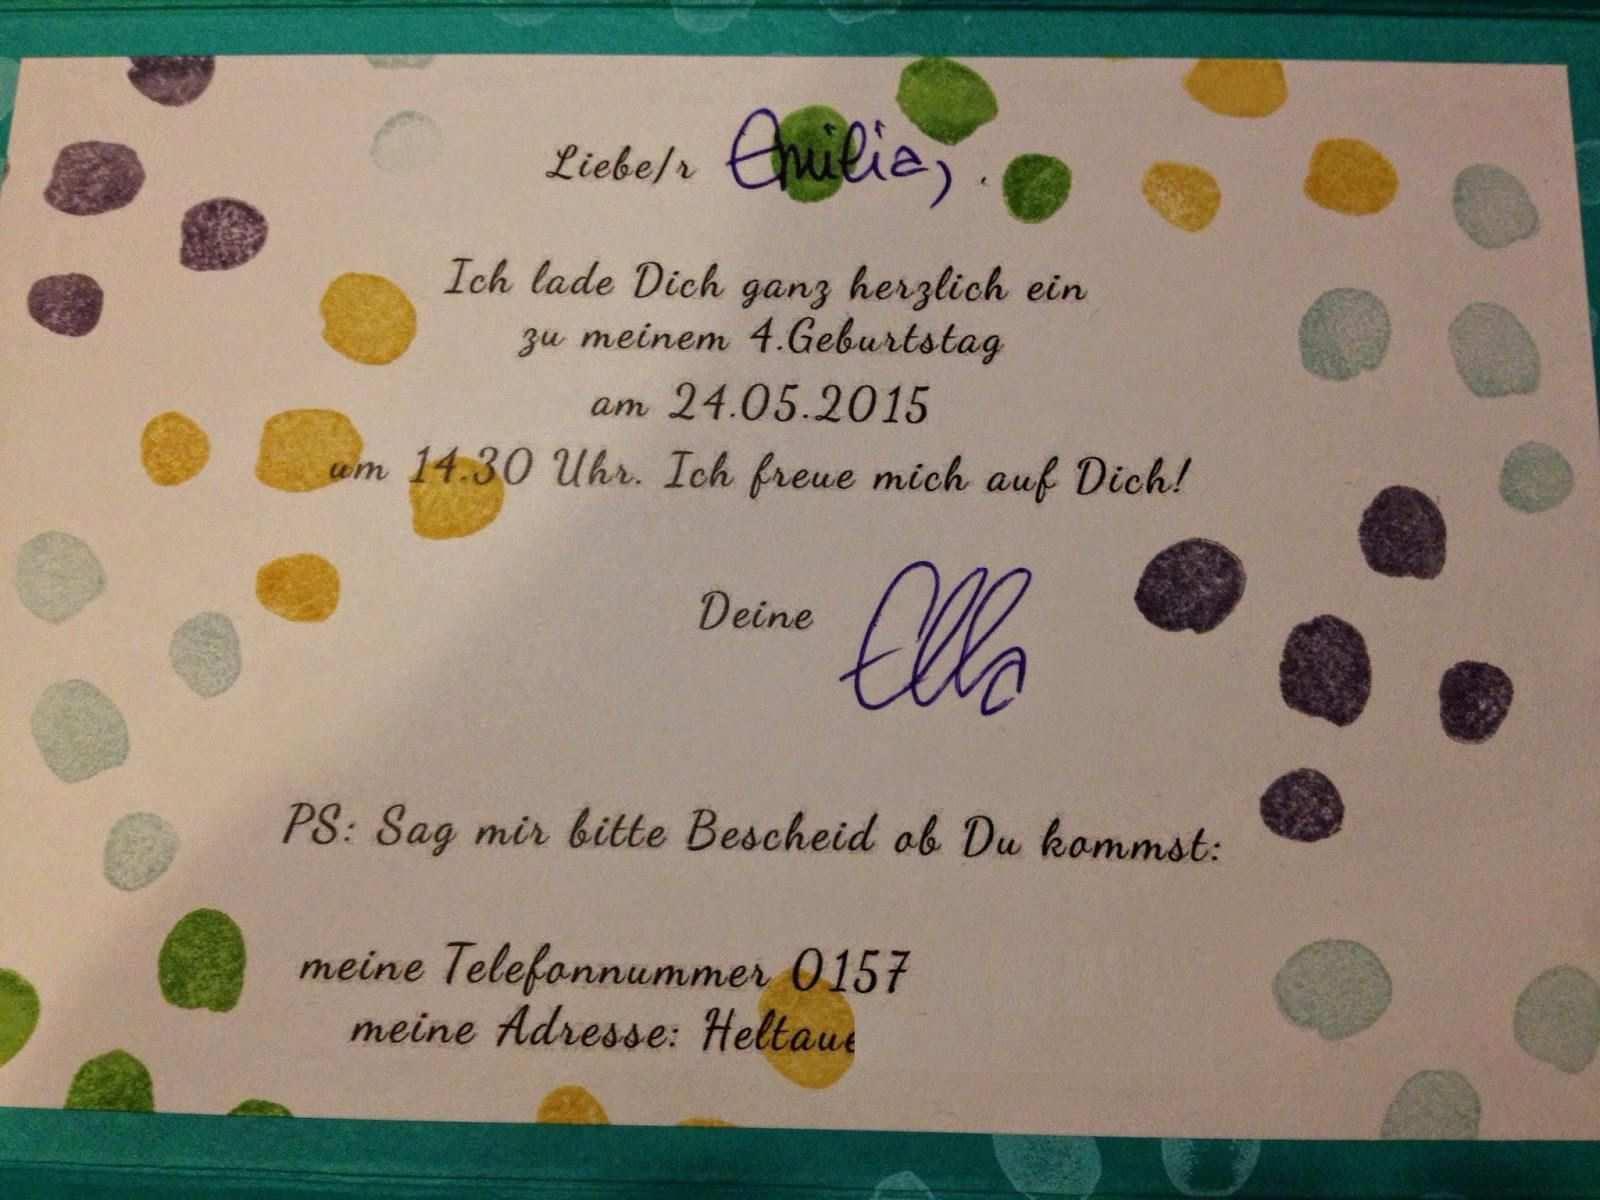 Einladungskarte 1 Geburtstag Einladungskarten 1 Geburtstag Baby Kindergeburtstag Einladung Kindergeburtstag Einladung